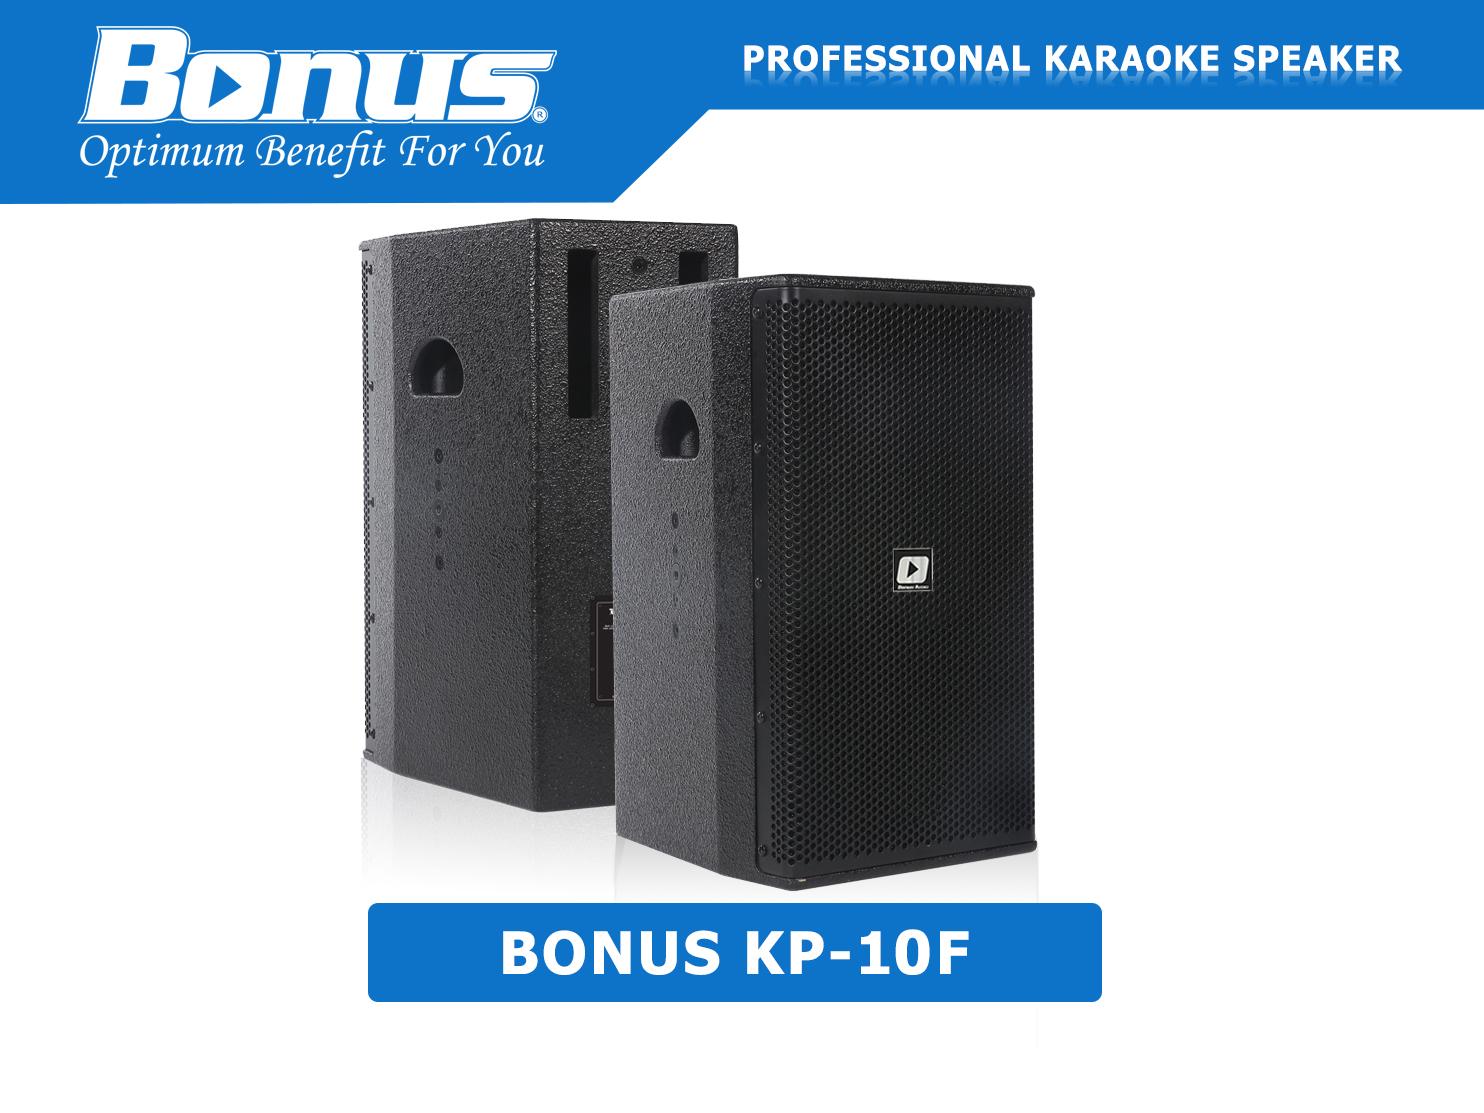 Loa Bonus KP-10F